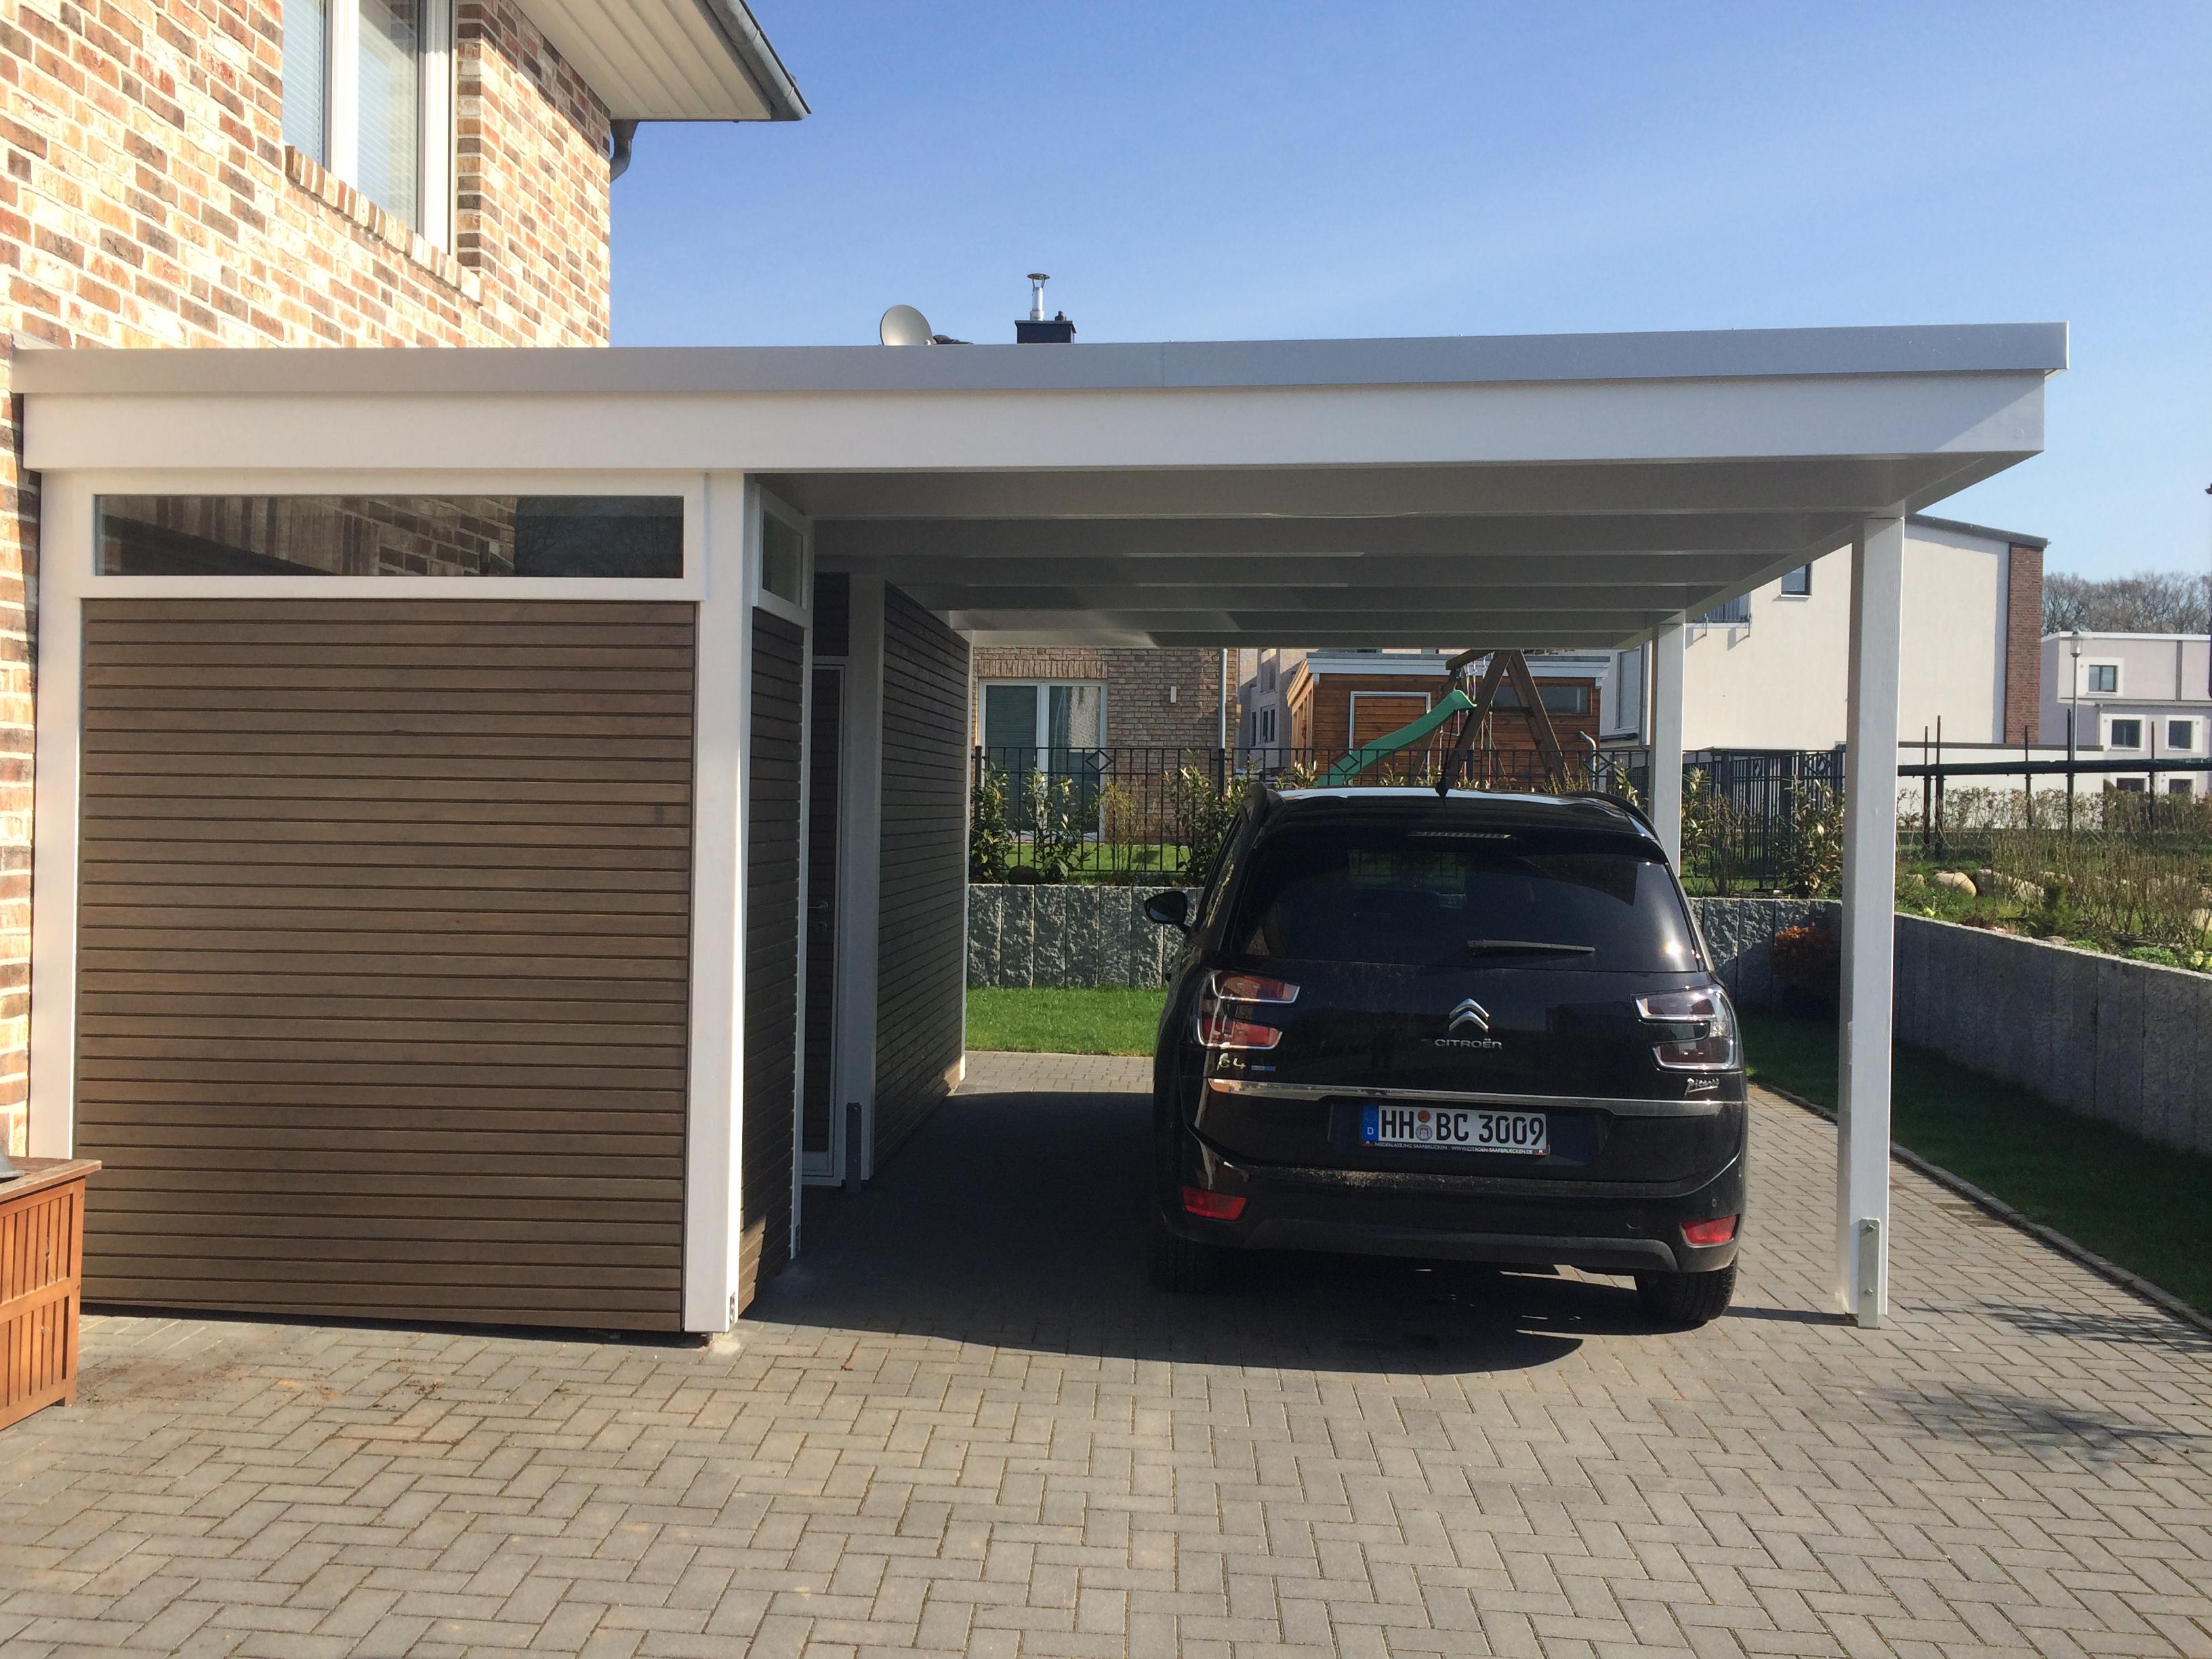 Reihencarport und Carport mit seitlichem Abstellraum - Carporthaus